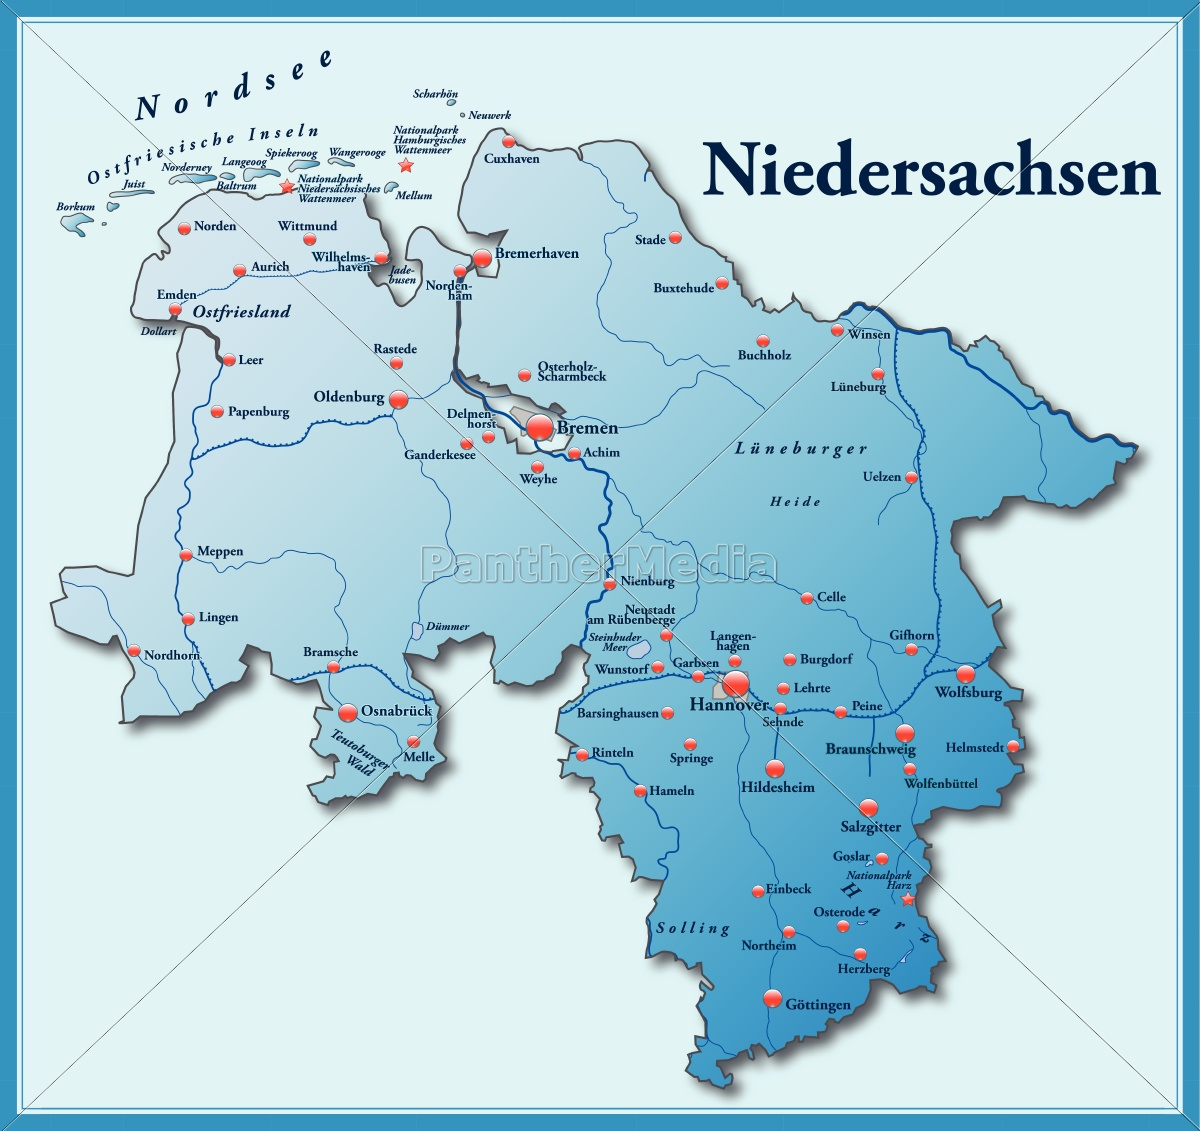 Niedersachsen Karte Mit Städten.Lizenzfreie Vektorgrafik 10635175 Karte Von Niedersachsen Als übersichtskarte In Blau